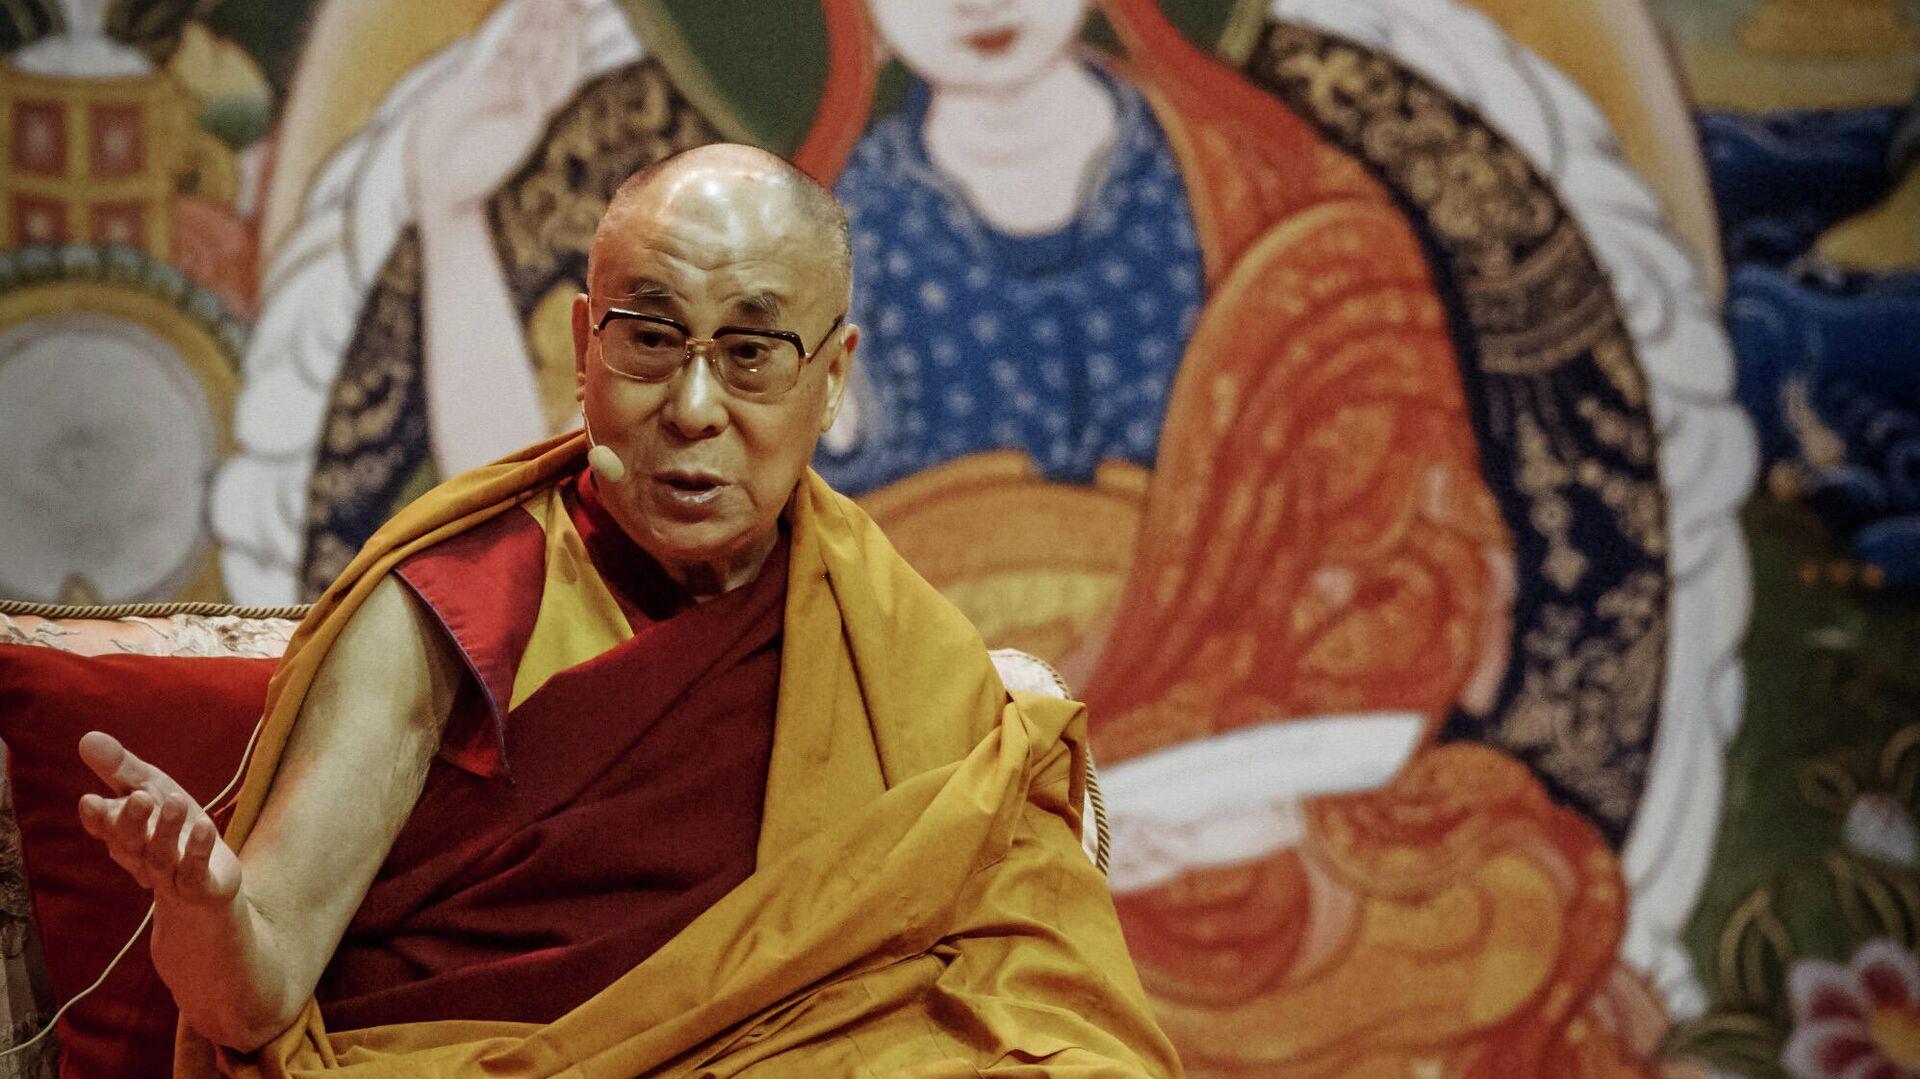 Духовный лидер буддистов Далай-лама XIV  - РИА Новости, 1920, 10.07.2021